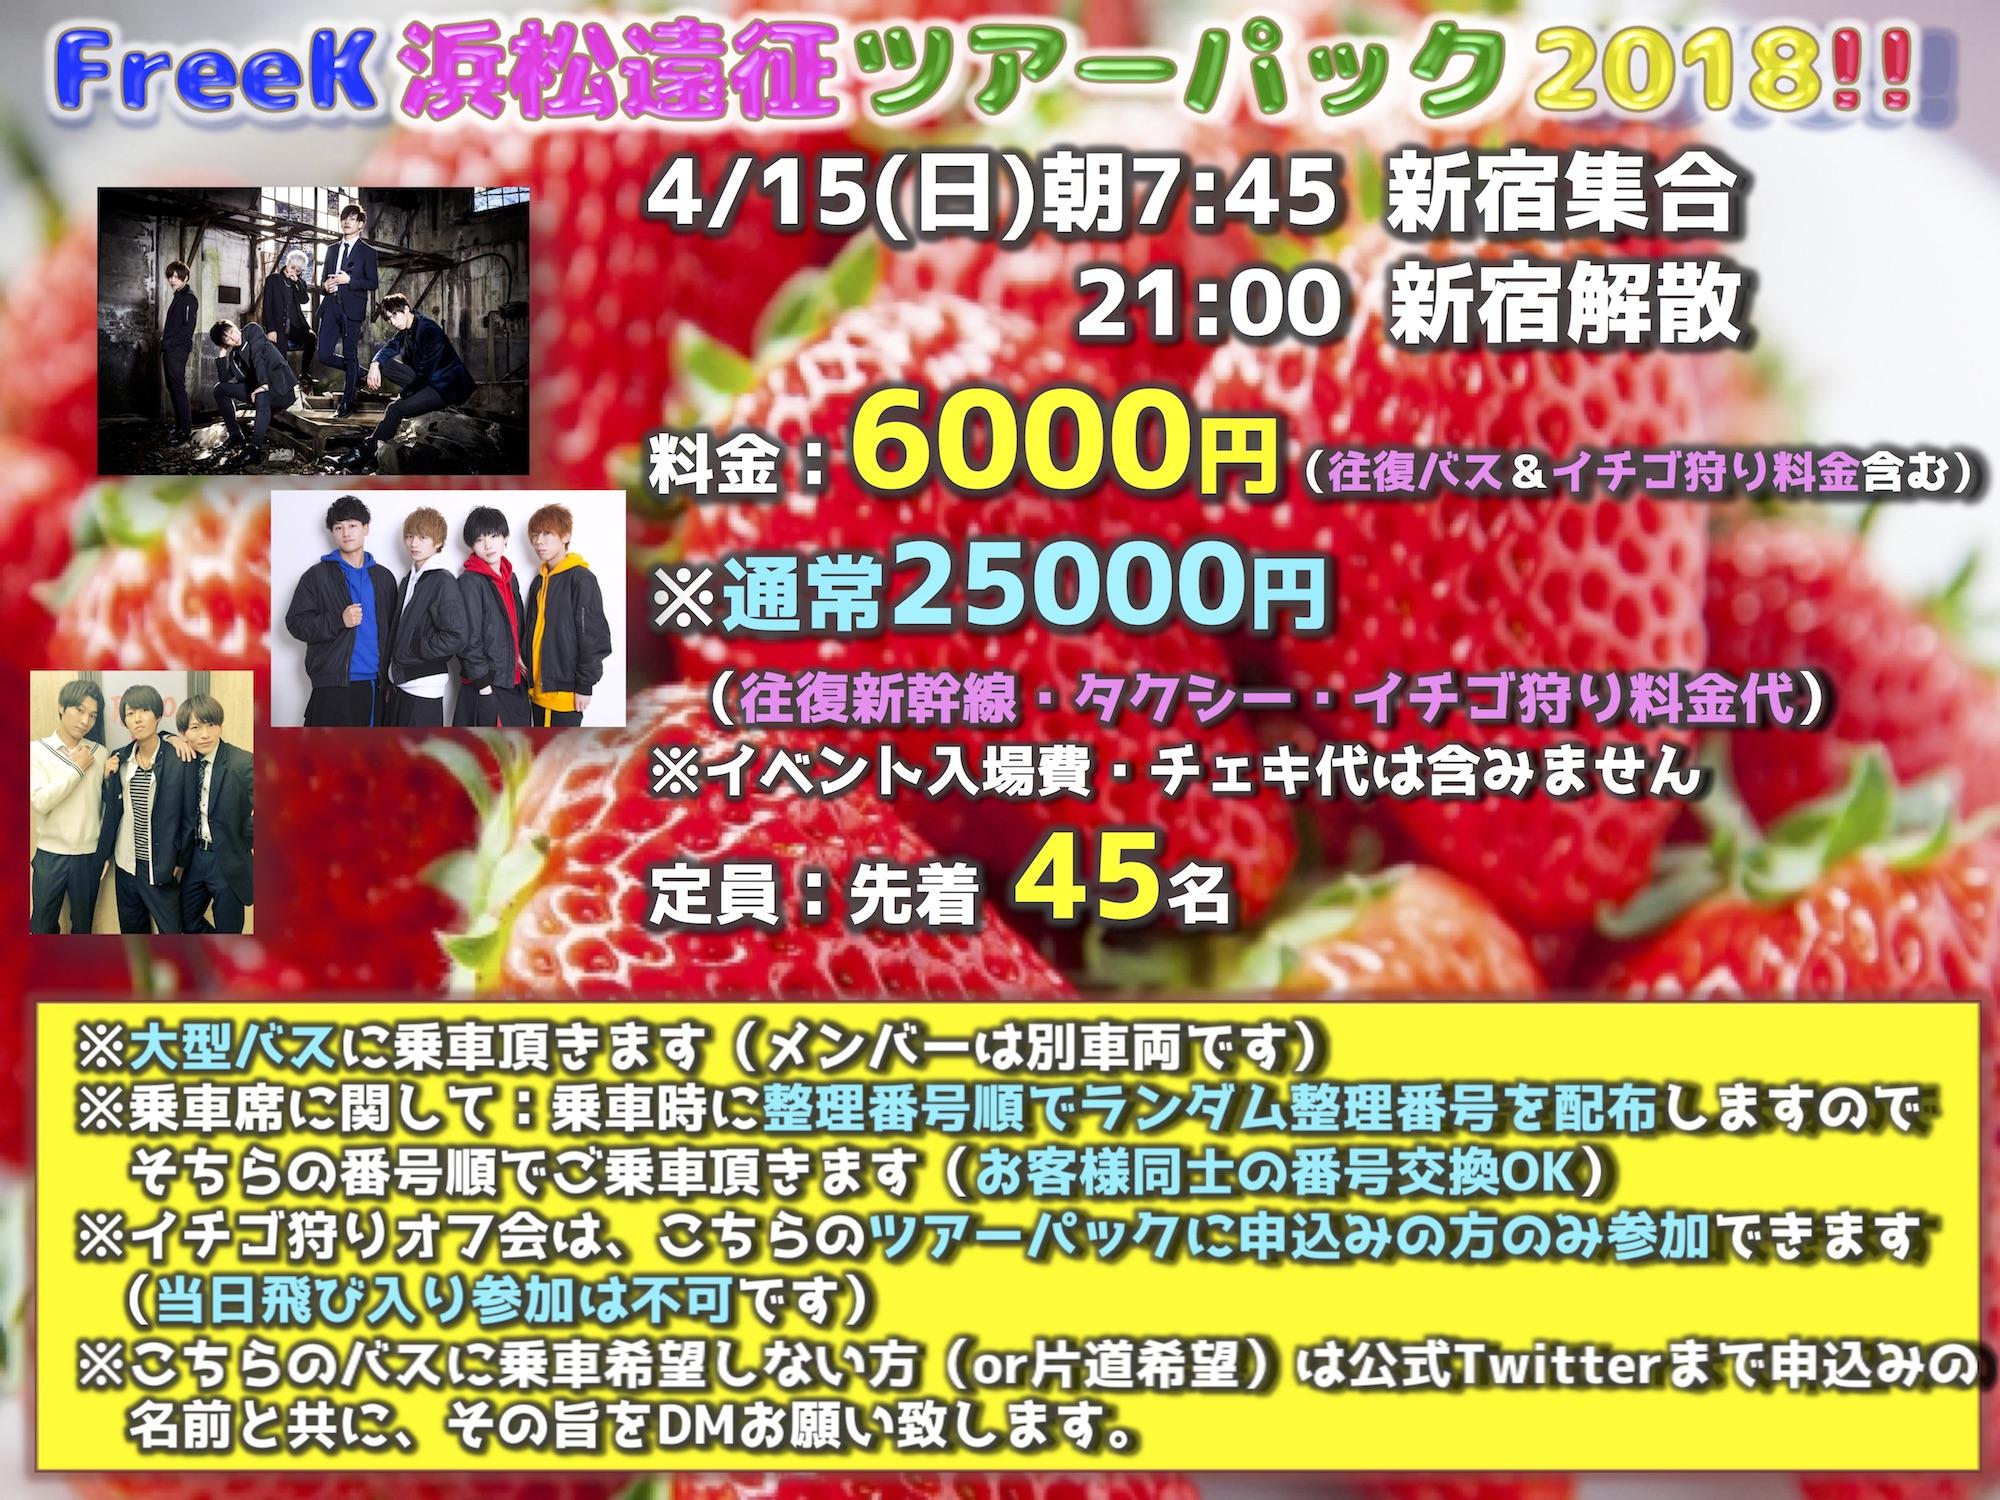 FreeK浜松遠征ツアーパック2018!!